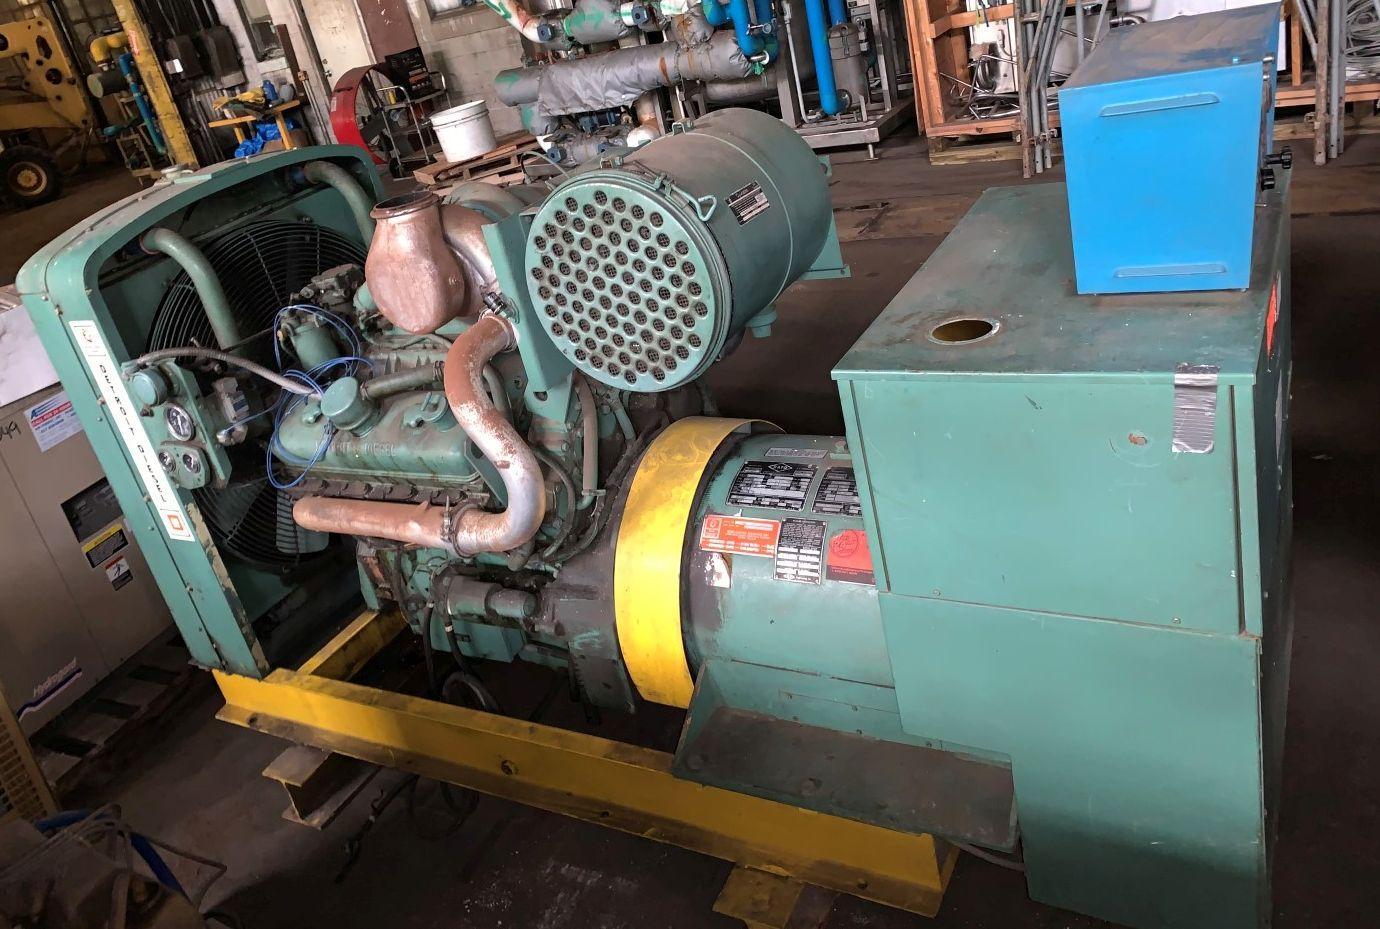 Lot 60 - 225 KW Detroit Diesel Generator, Model F-7085-7300